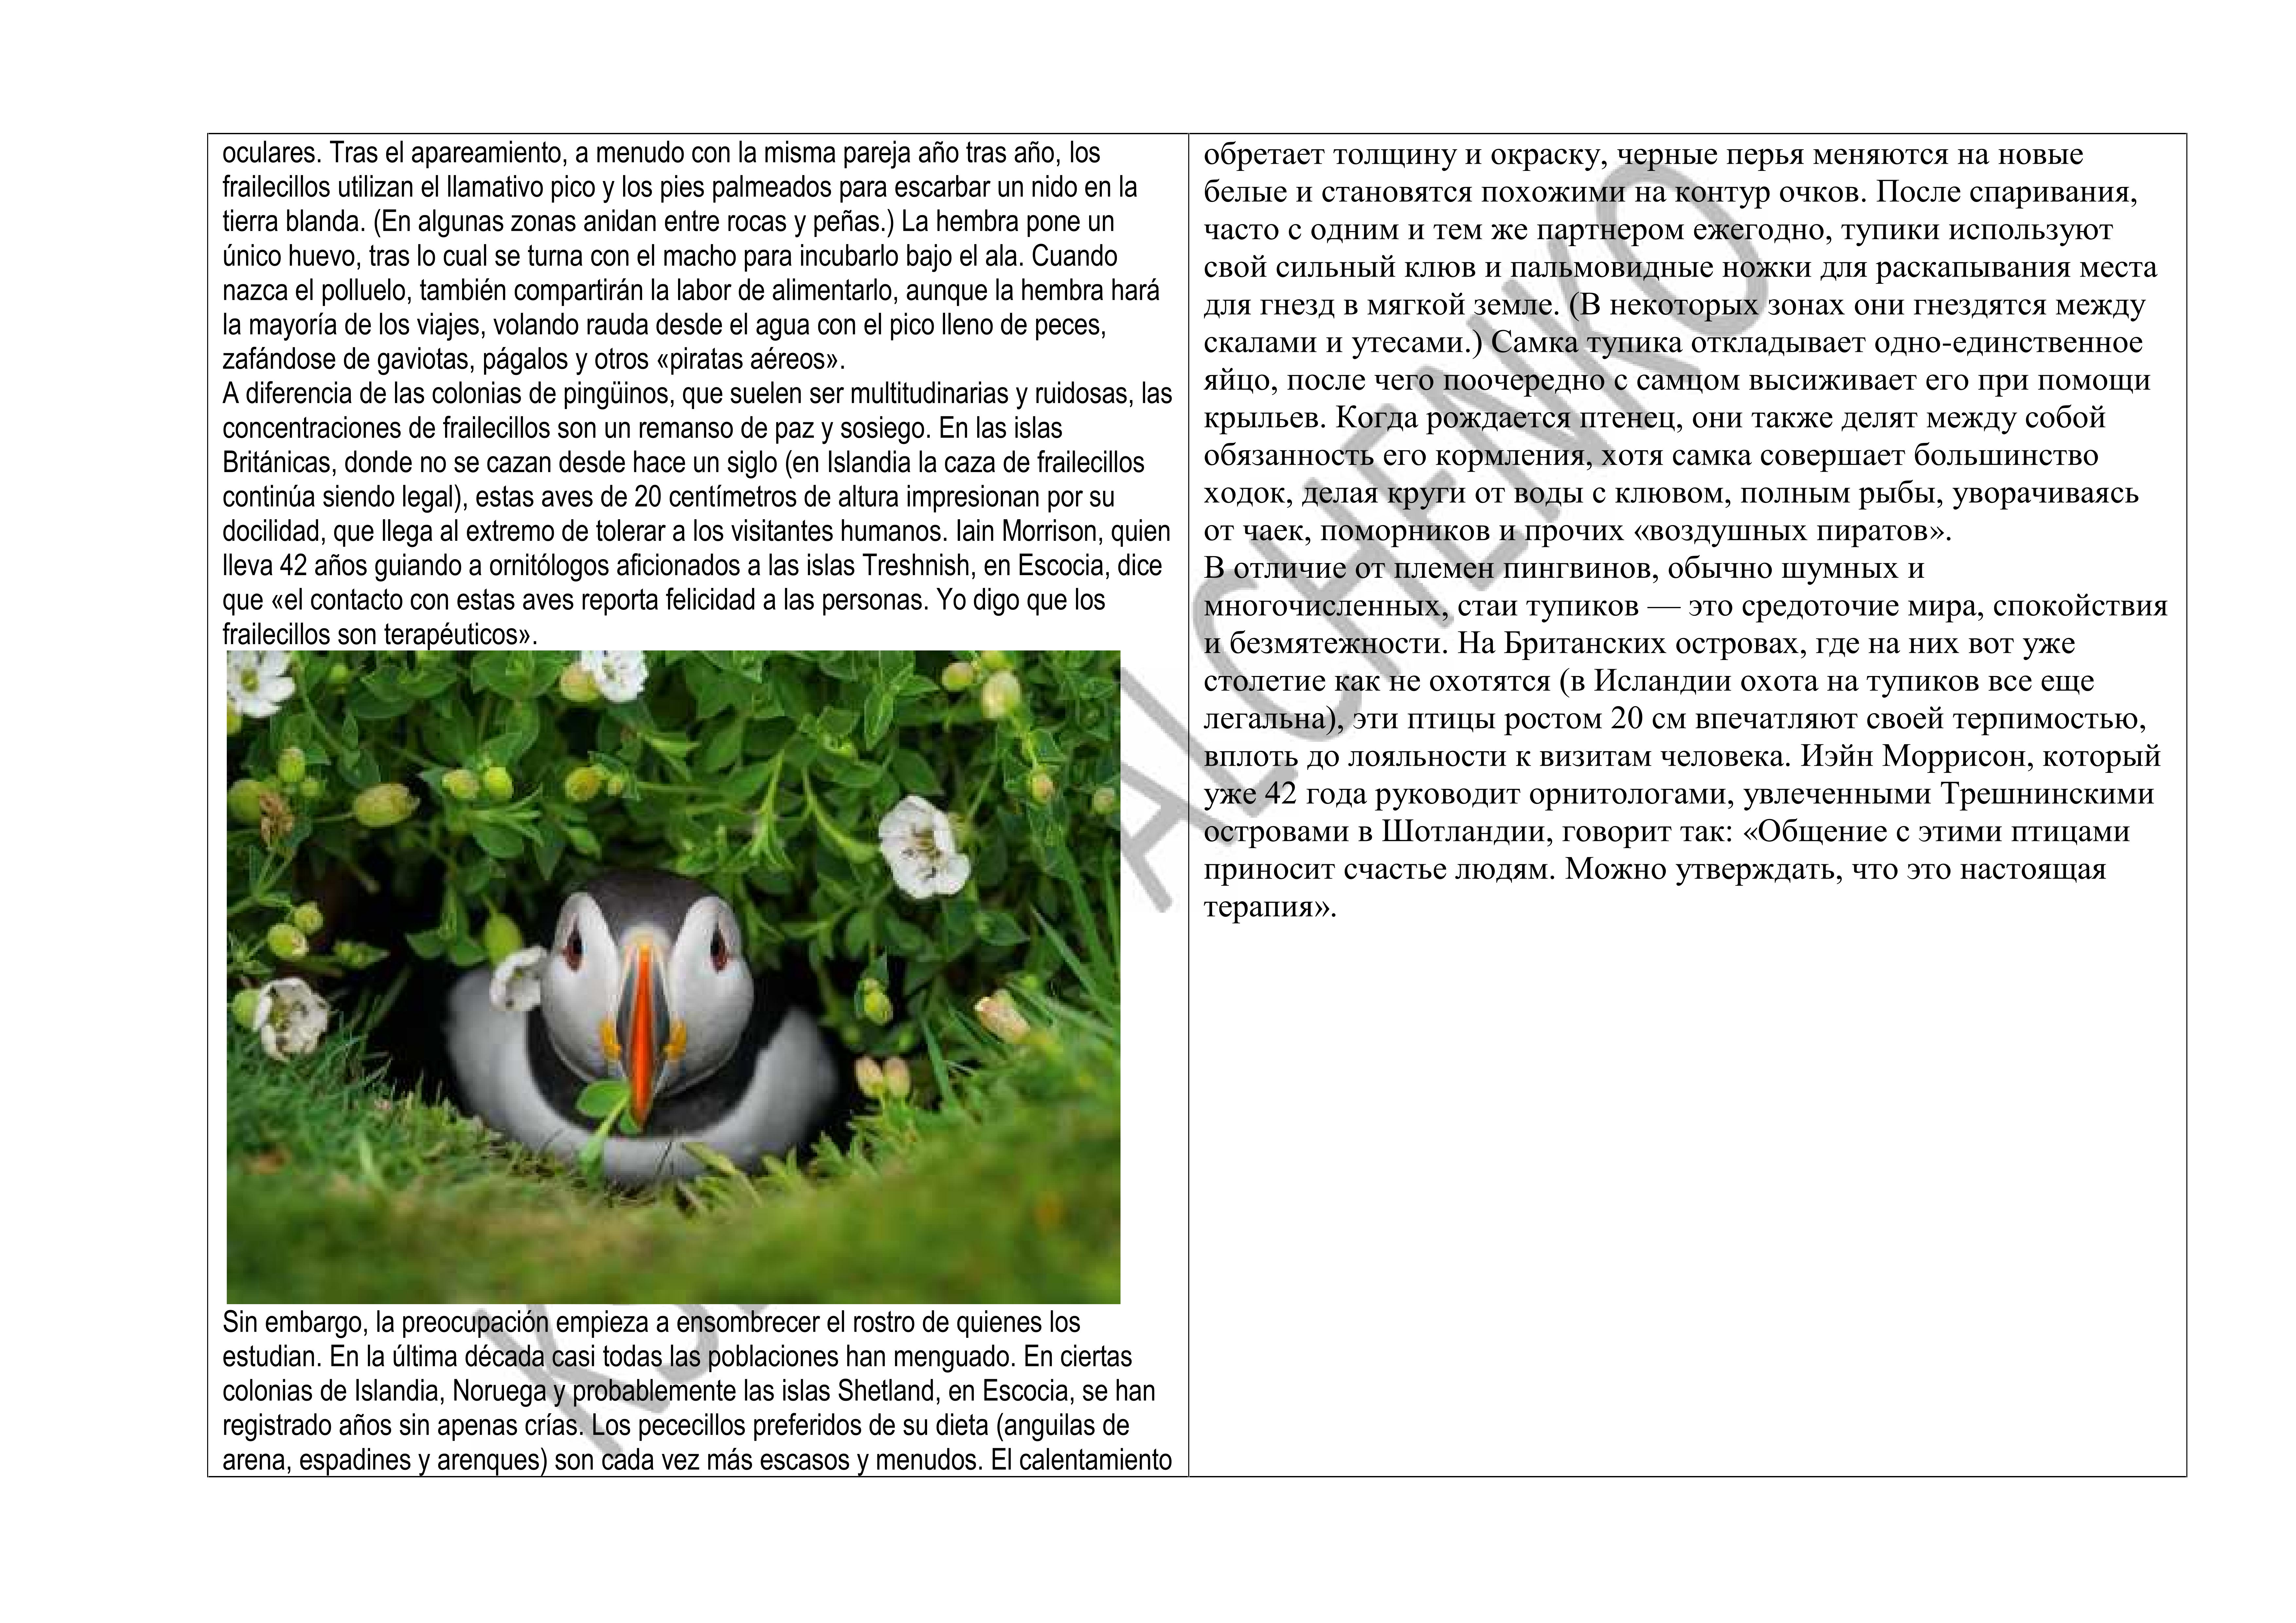 Испанский: перевод на русский, публицистика